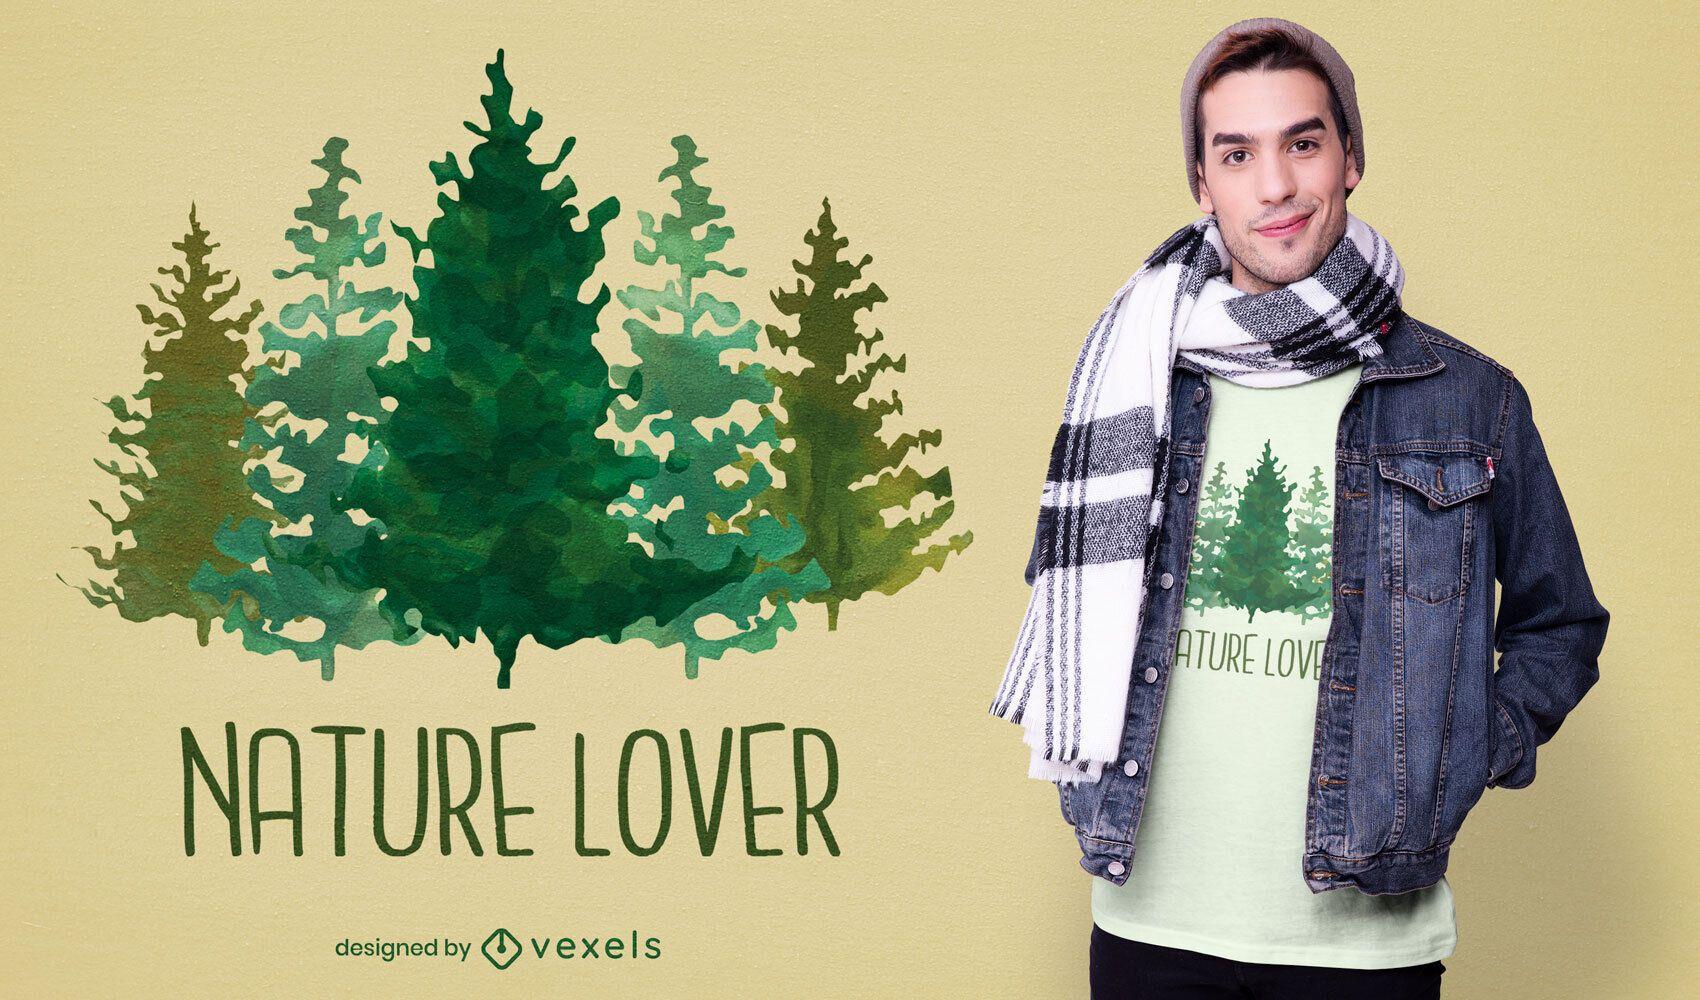 Aquarell Bäume Wald Natur T-Shirt PSD